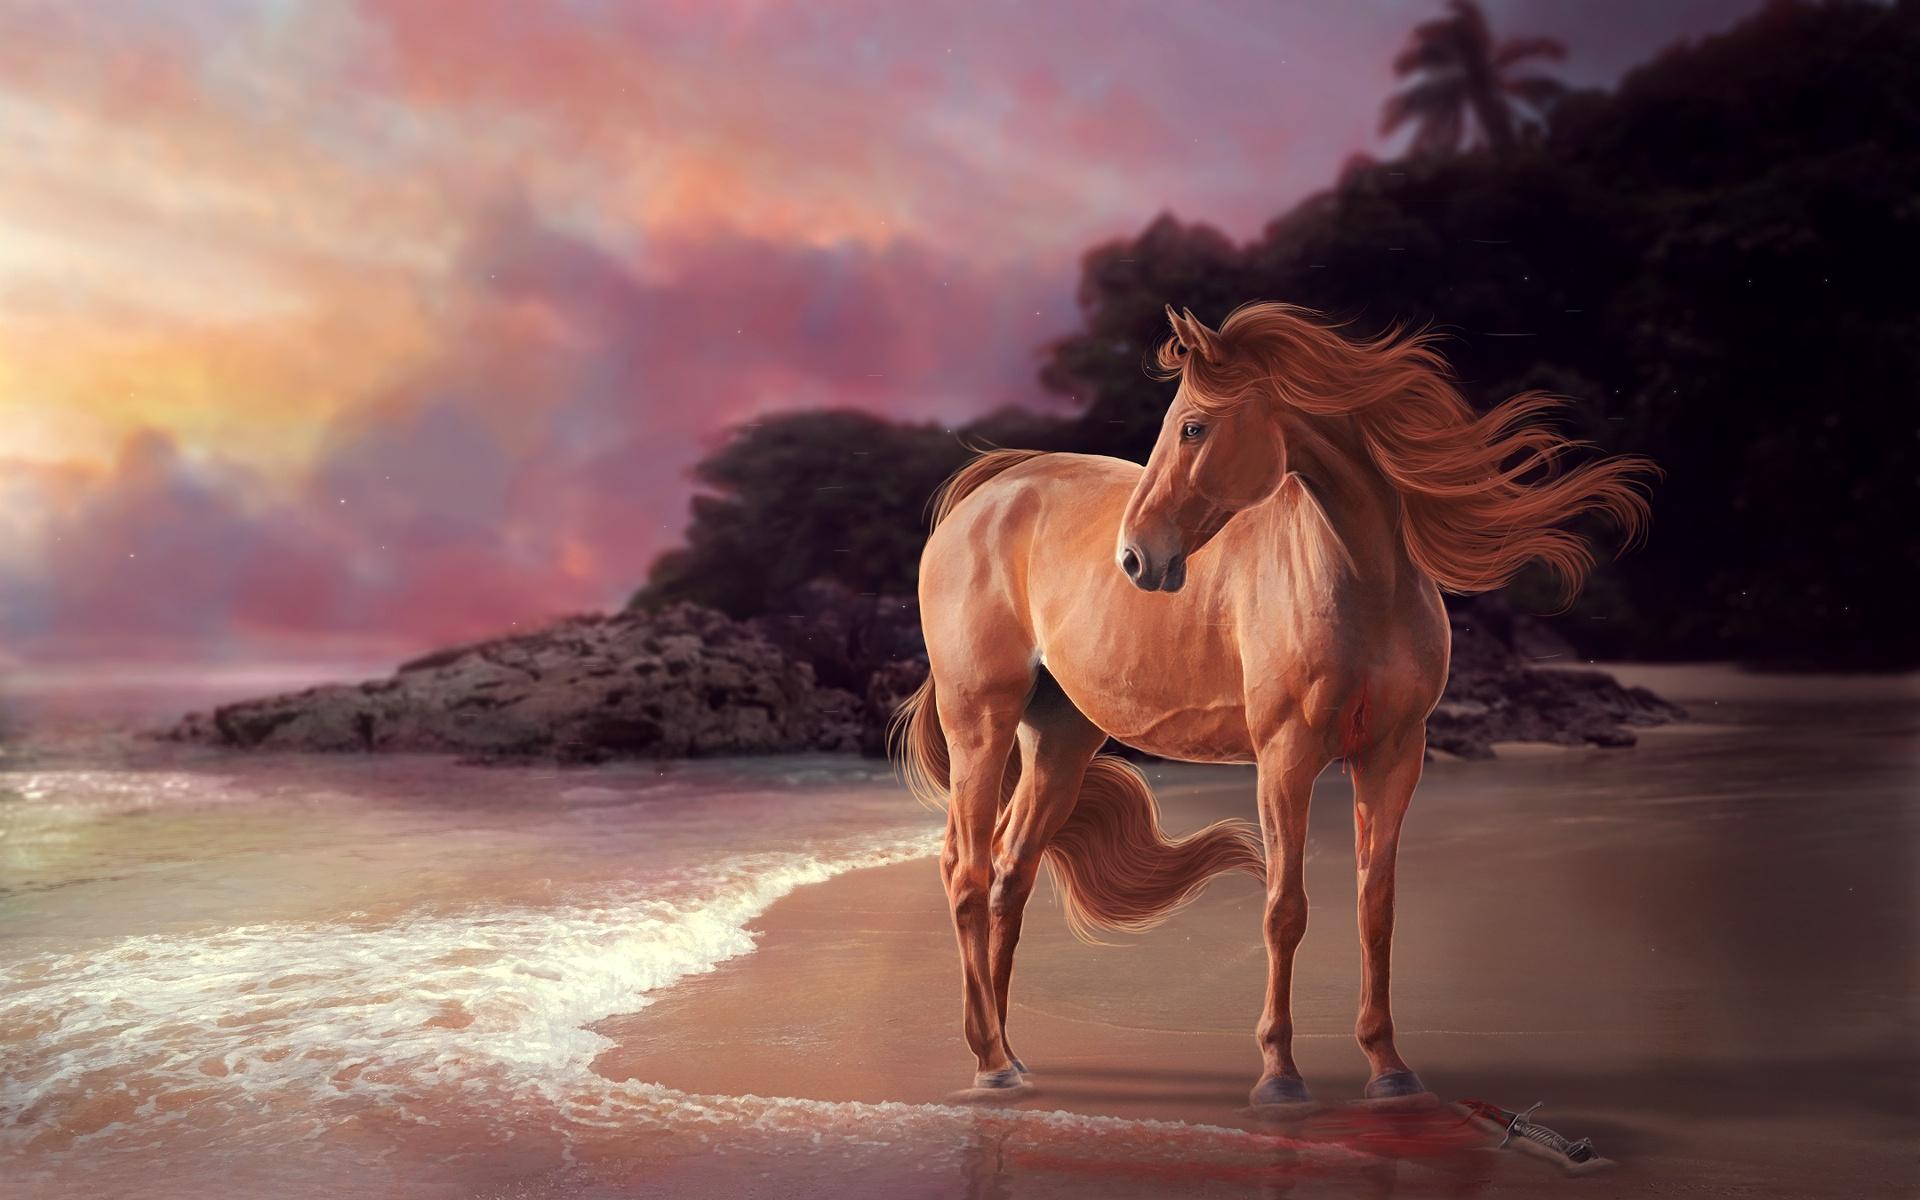 tải ảnh ngựa đẹp về máy tính